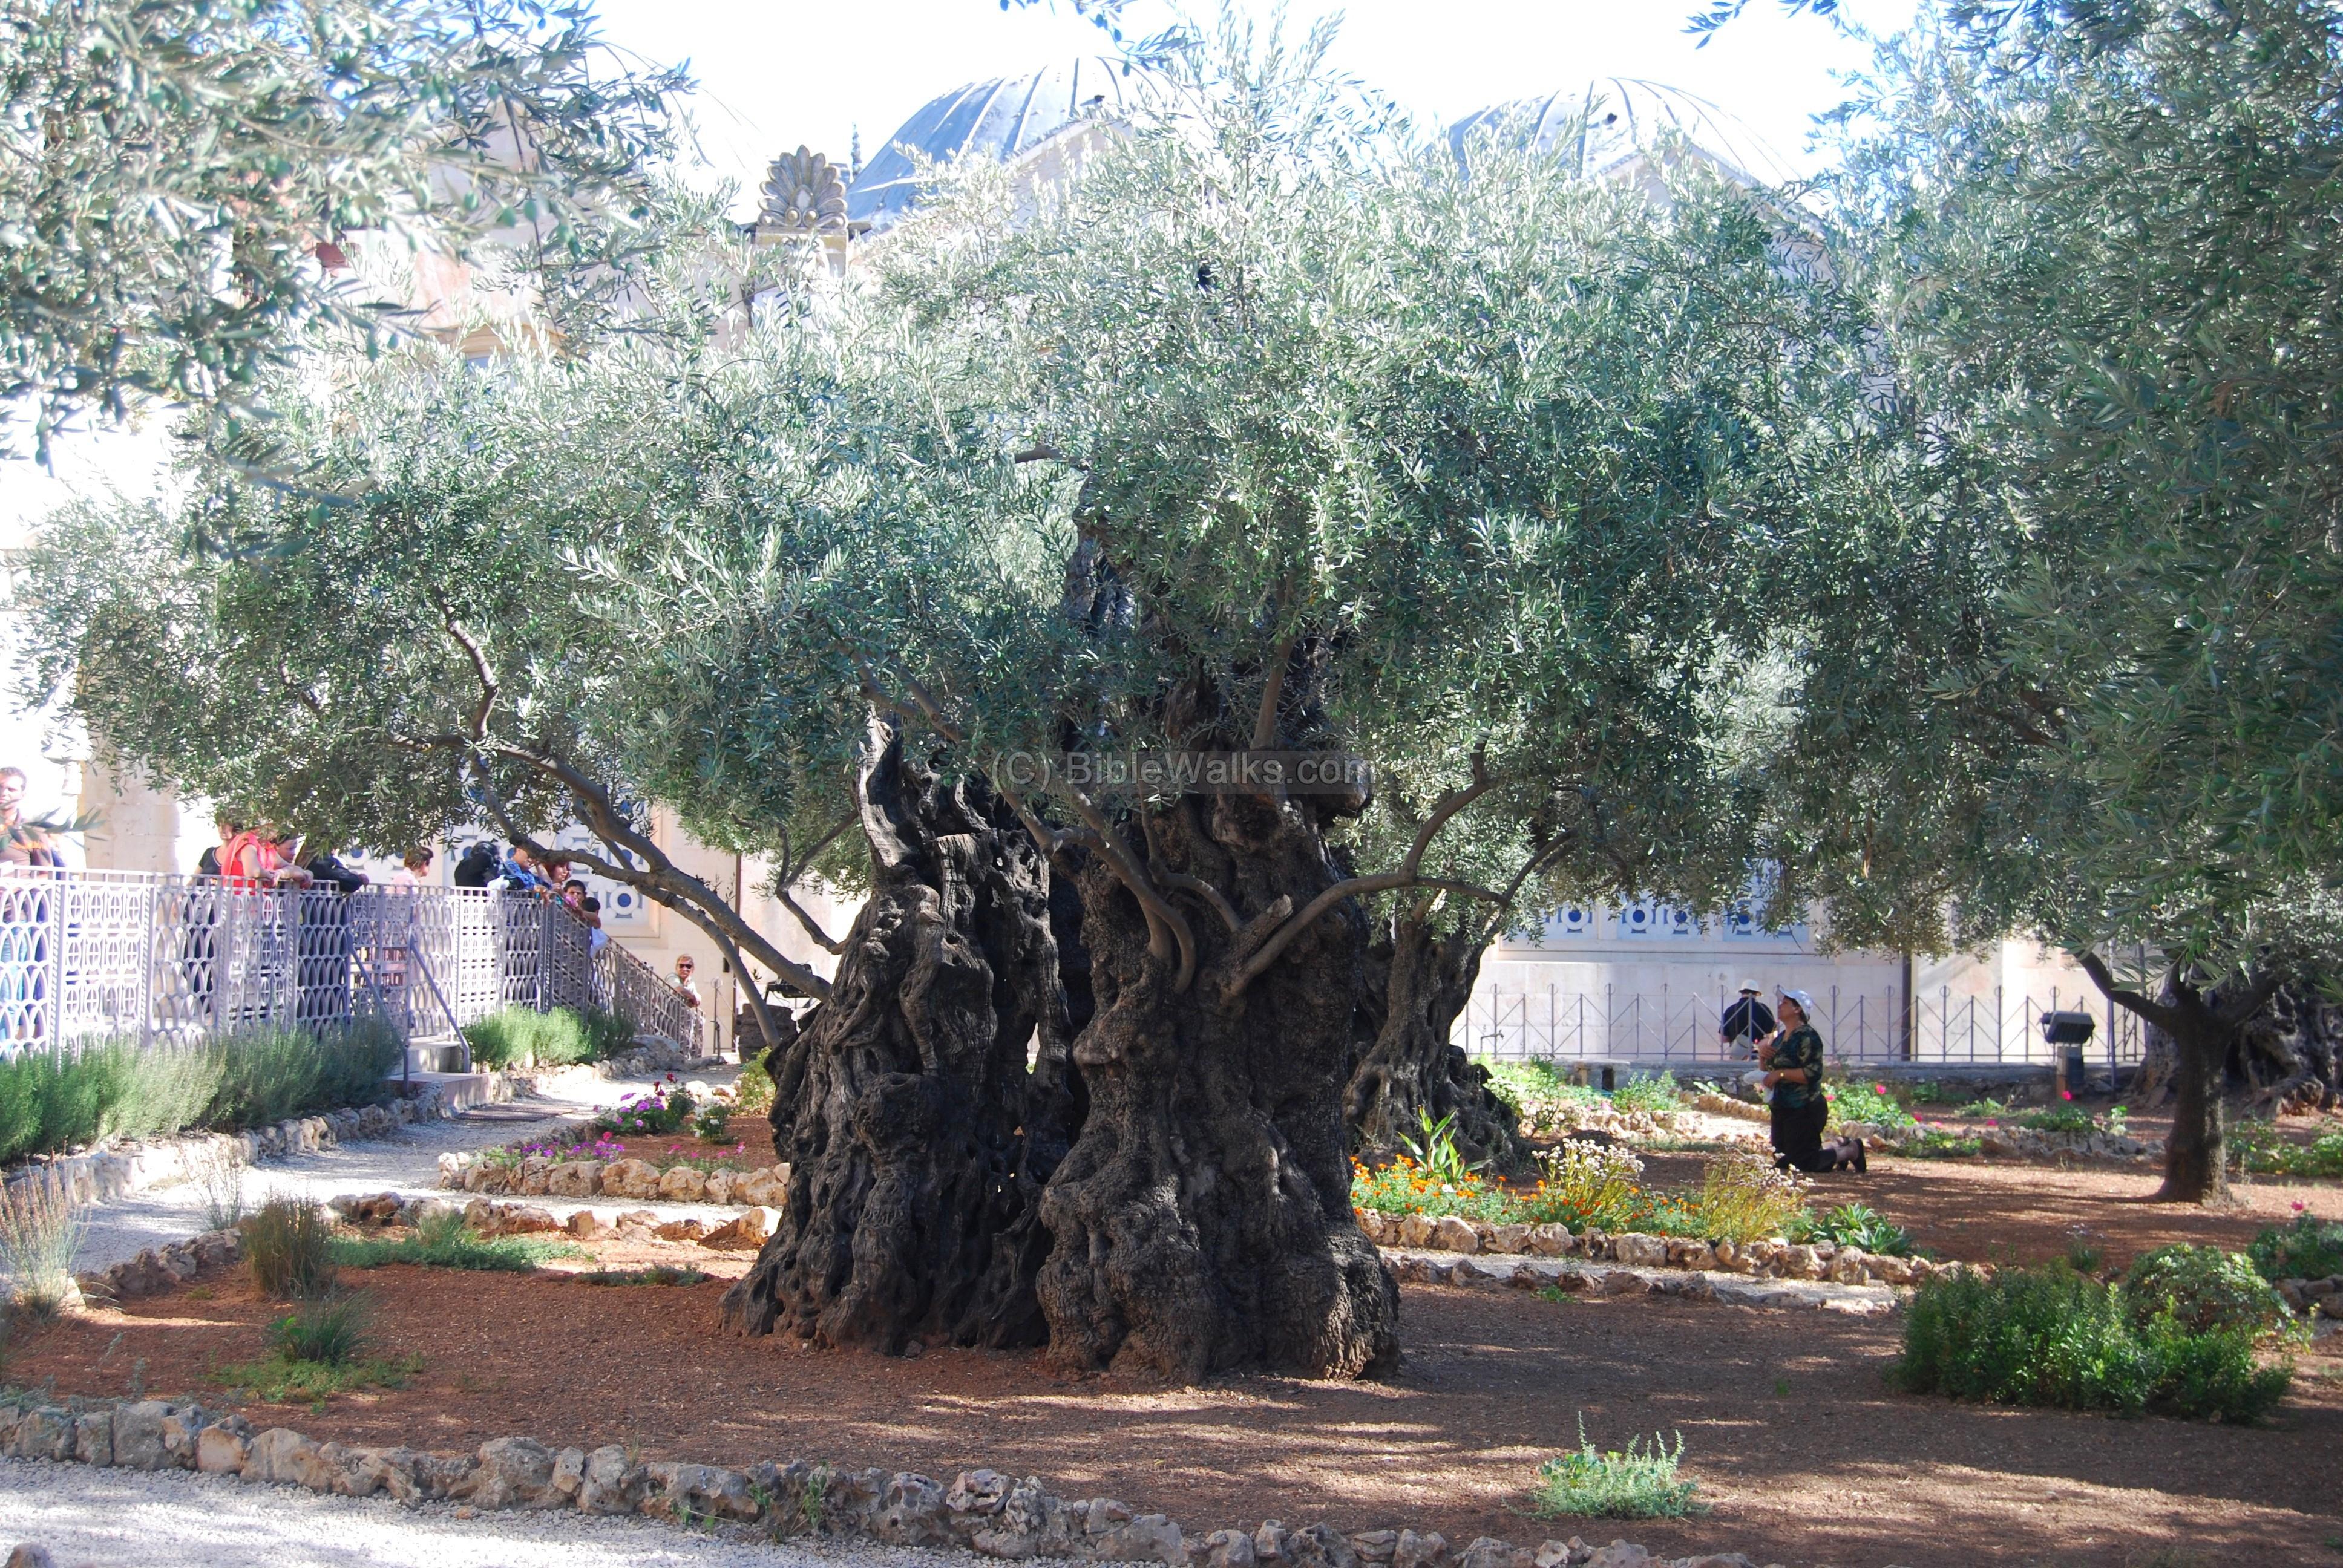 Basilica of Agony - Gethsemane